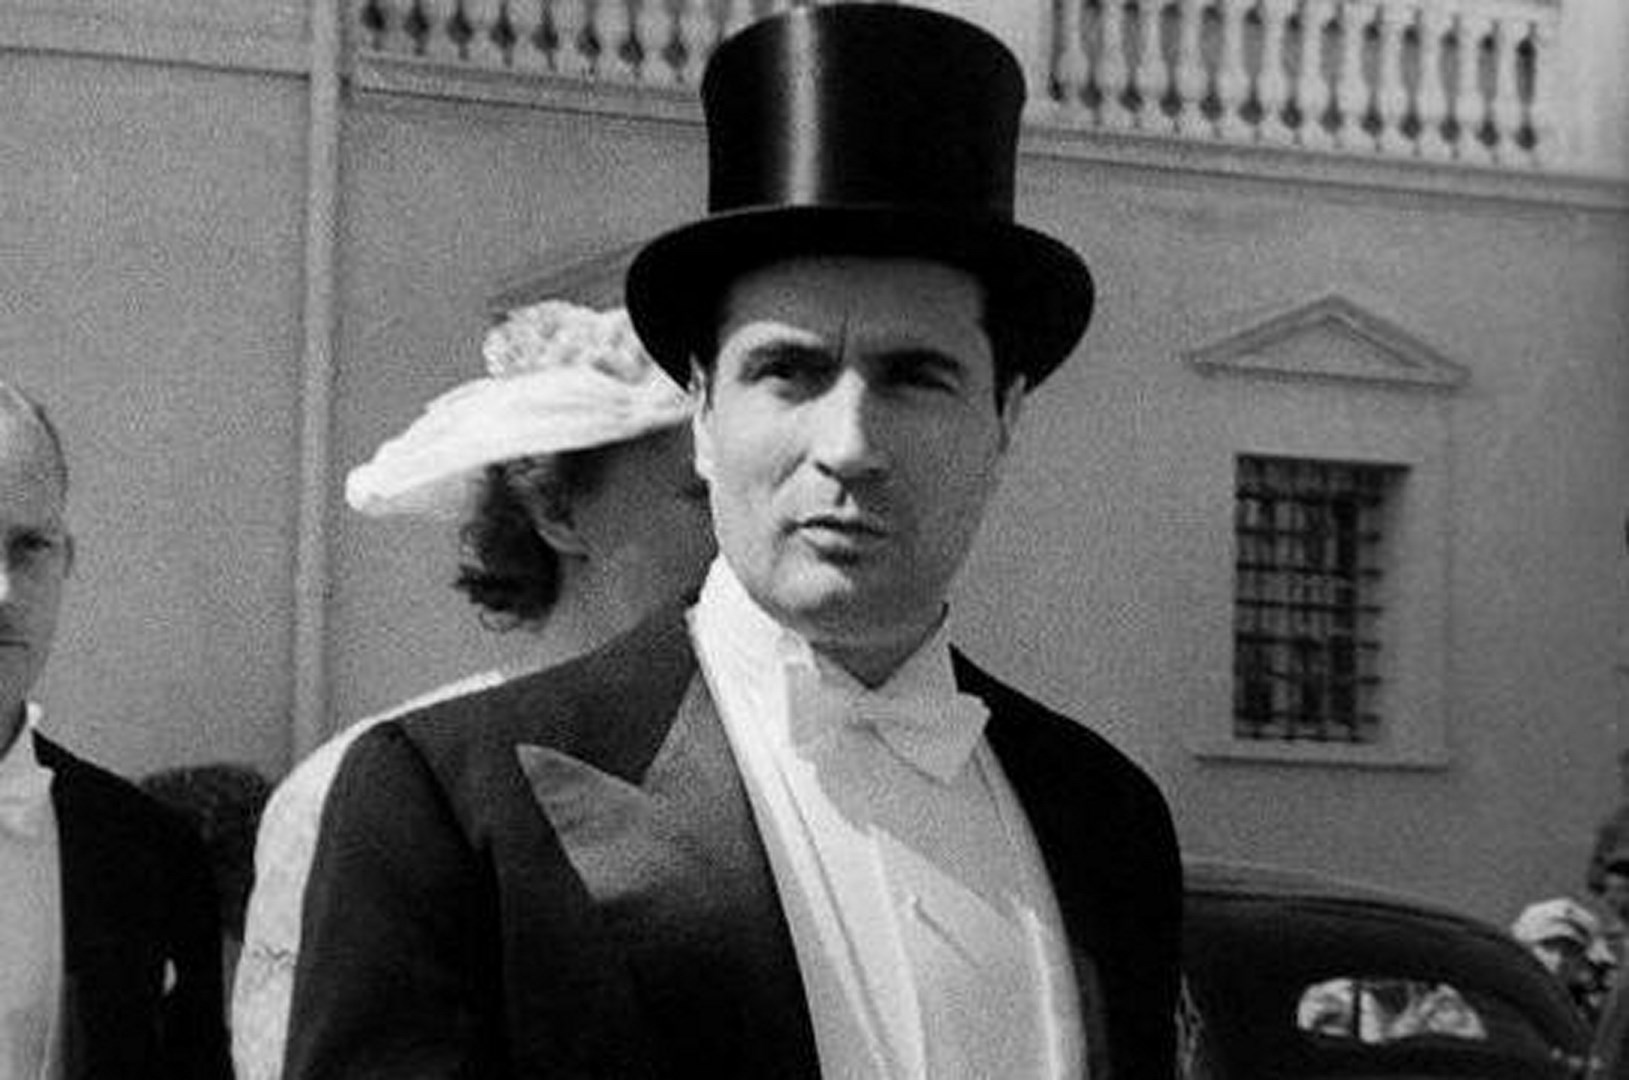 """Résultat de recherche d'images pour """"l'homme au chapeau françois mitterrand"""""""